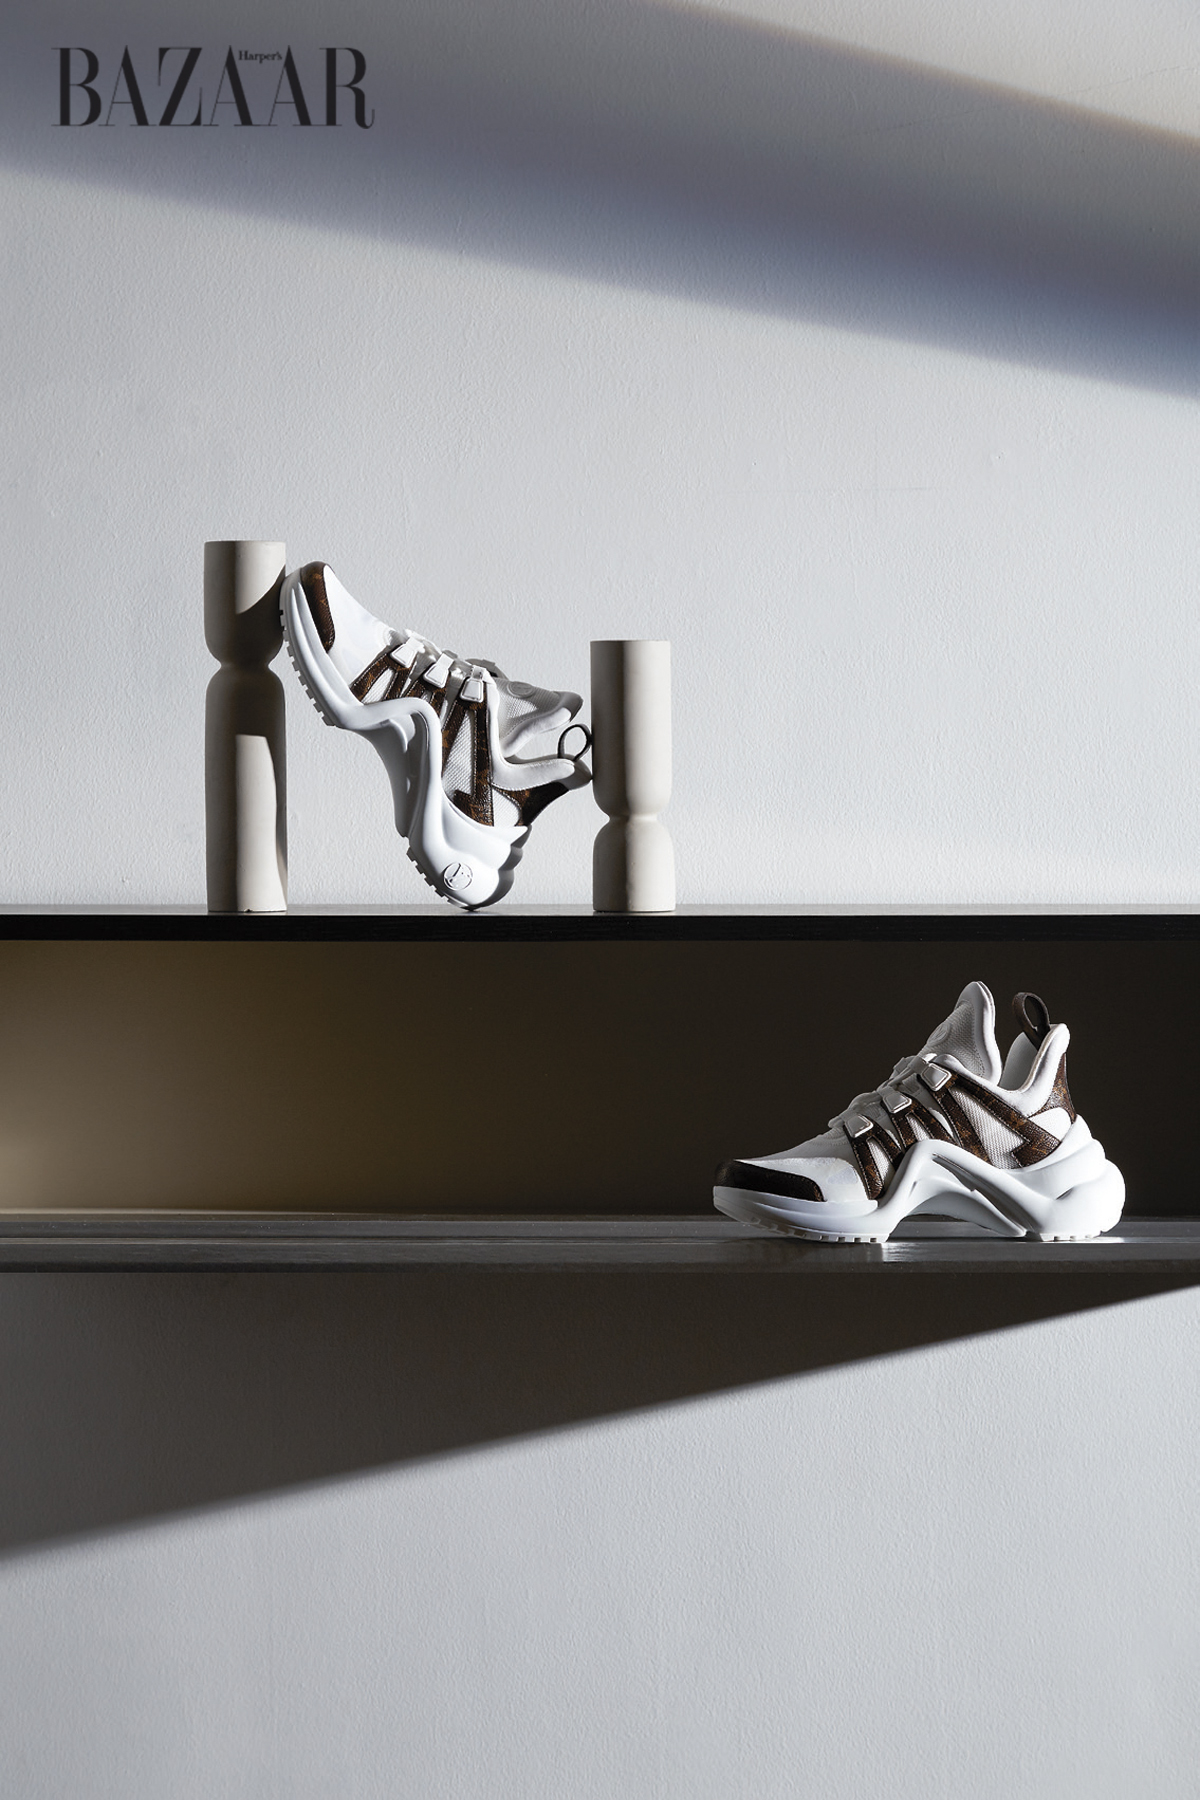 phu-kien-duoc-yeu-thich-nhat-louis-vuitton-sneaker